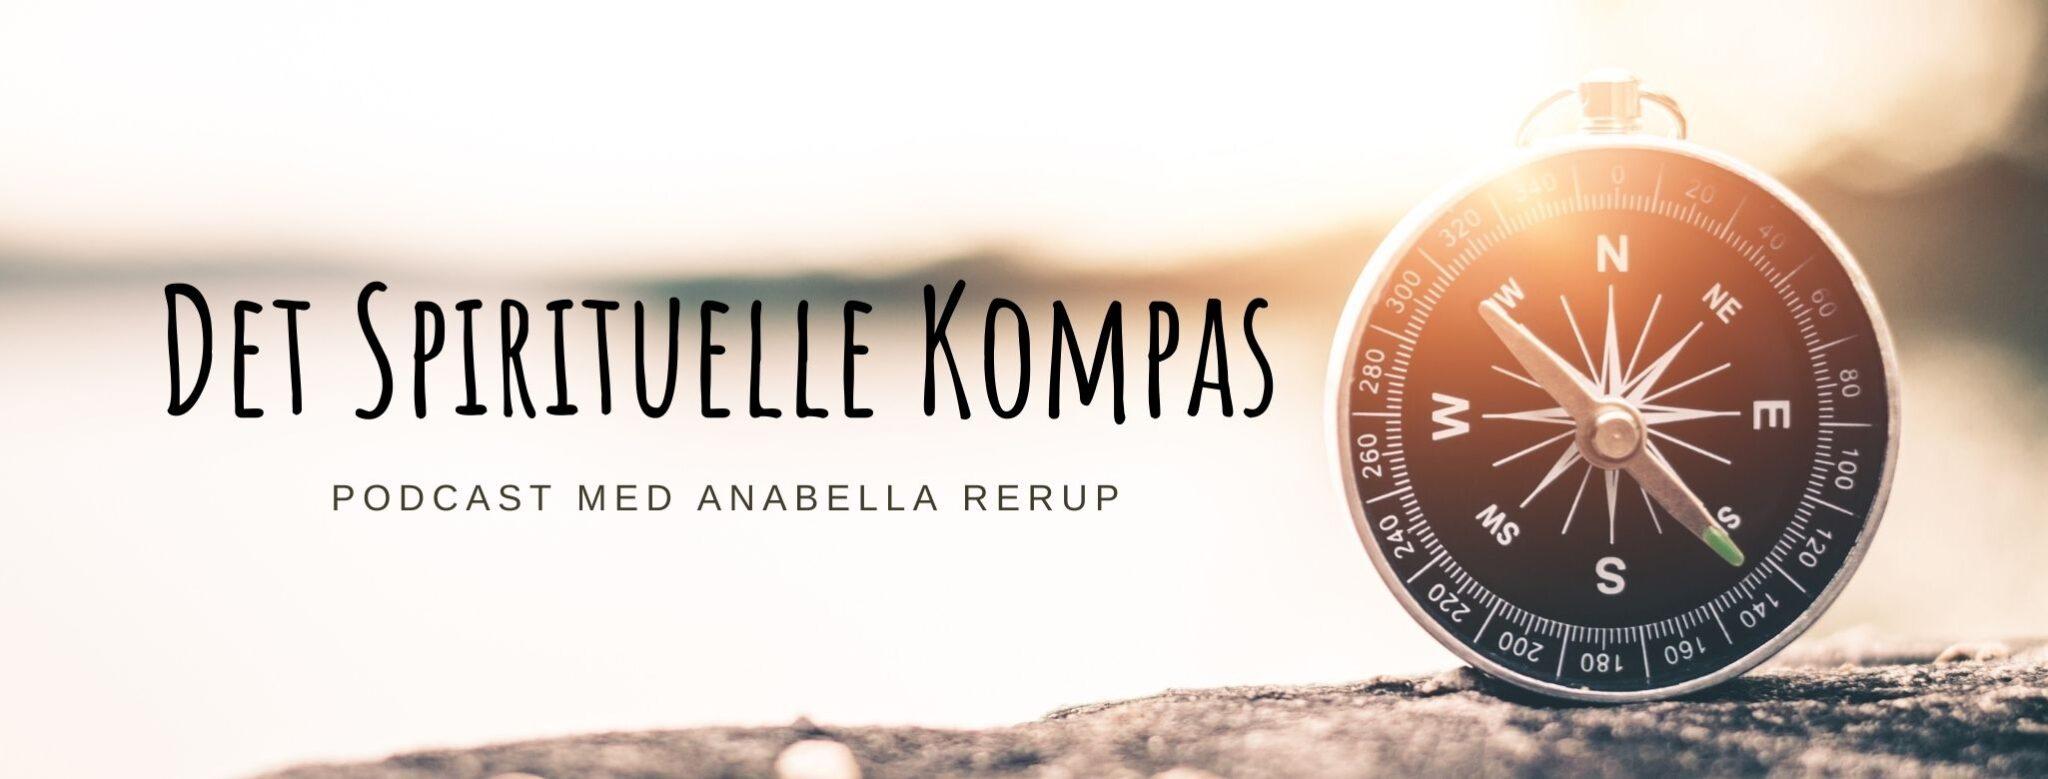 Det Sprituelle kompas interview med Heidie Kosiara